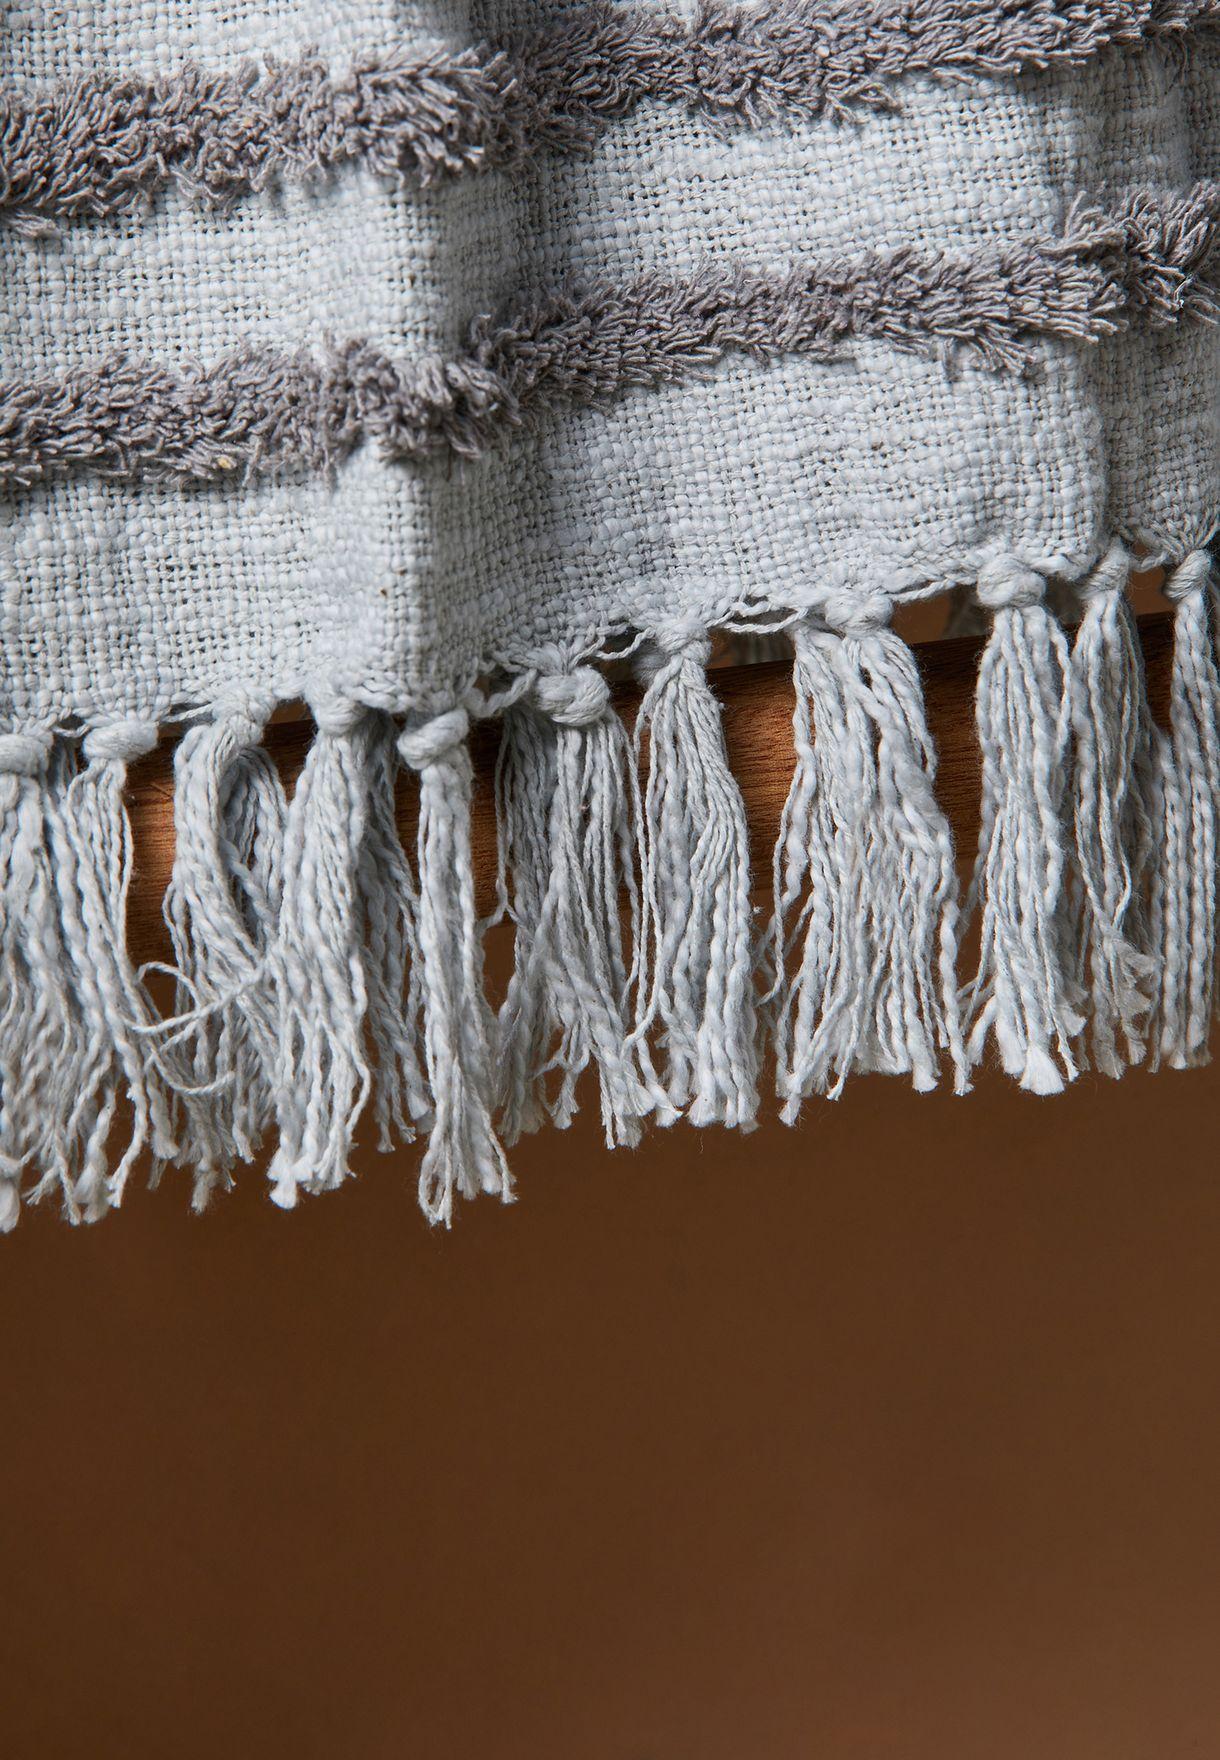 بطانية بشراشيب